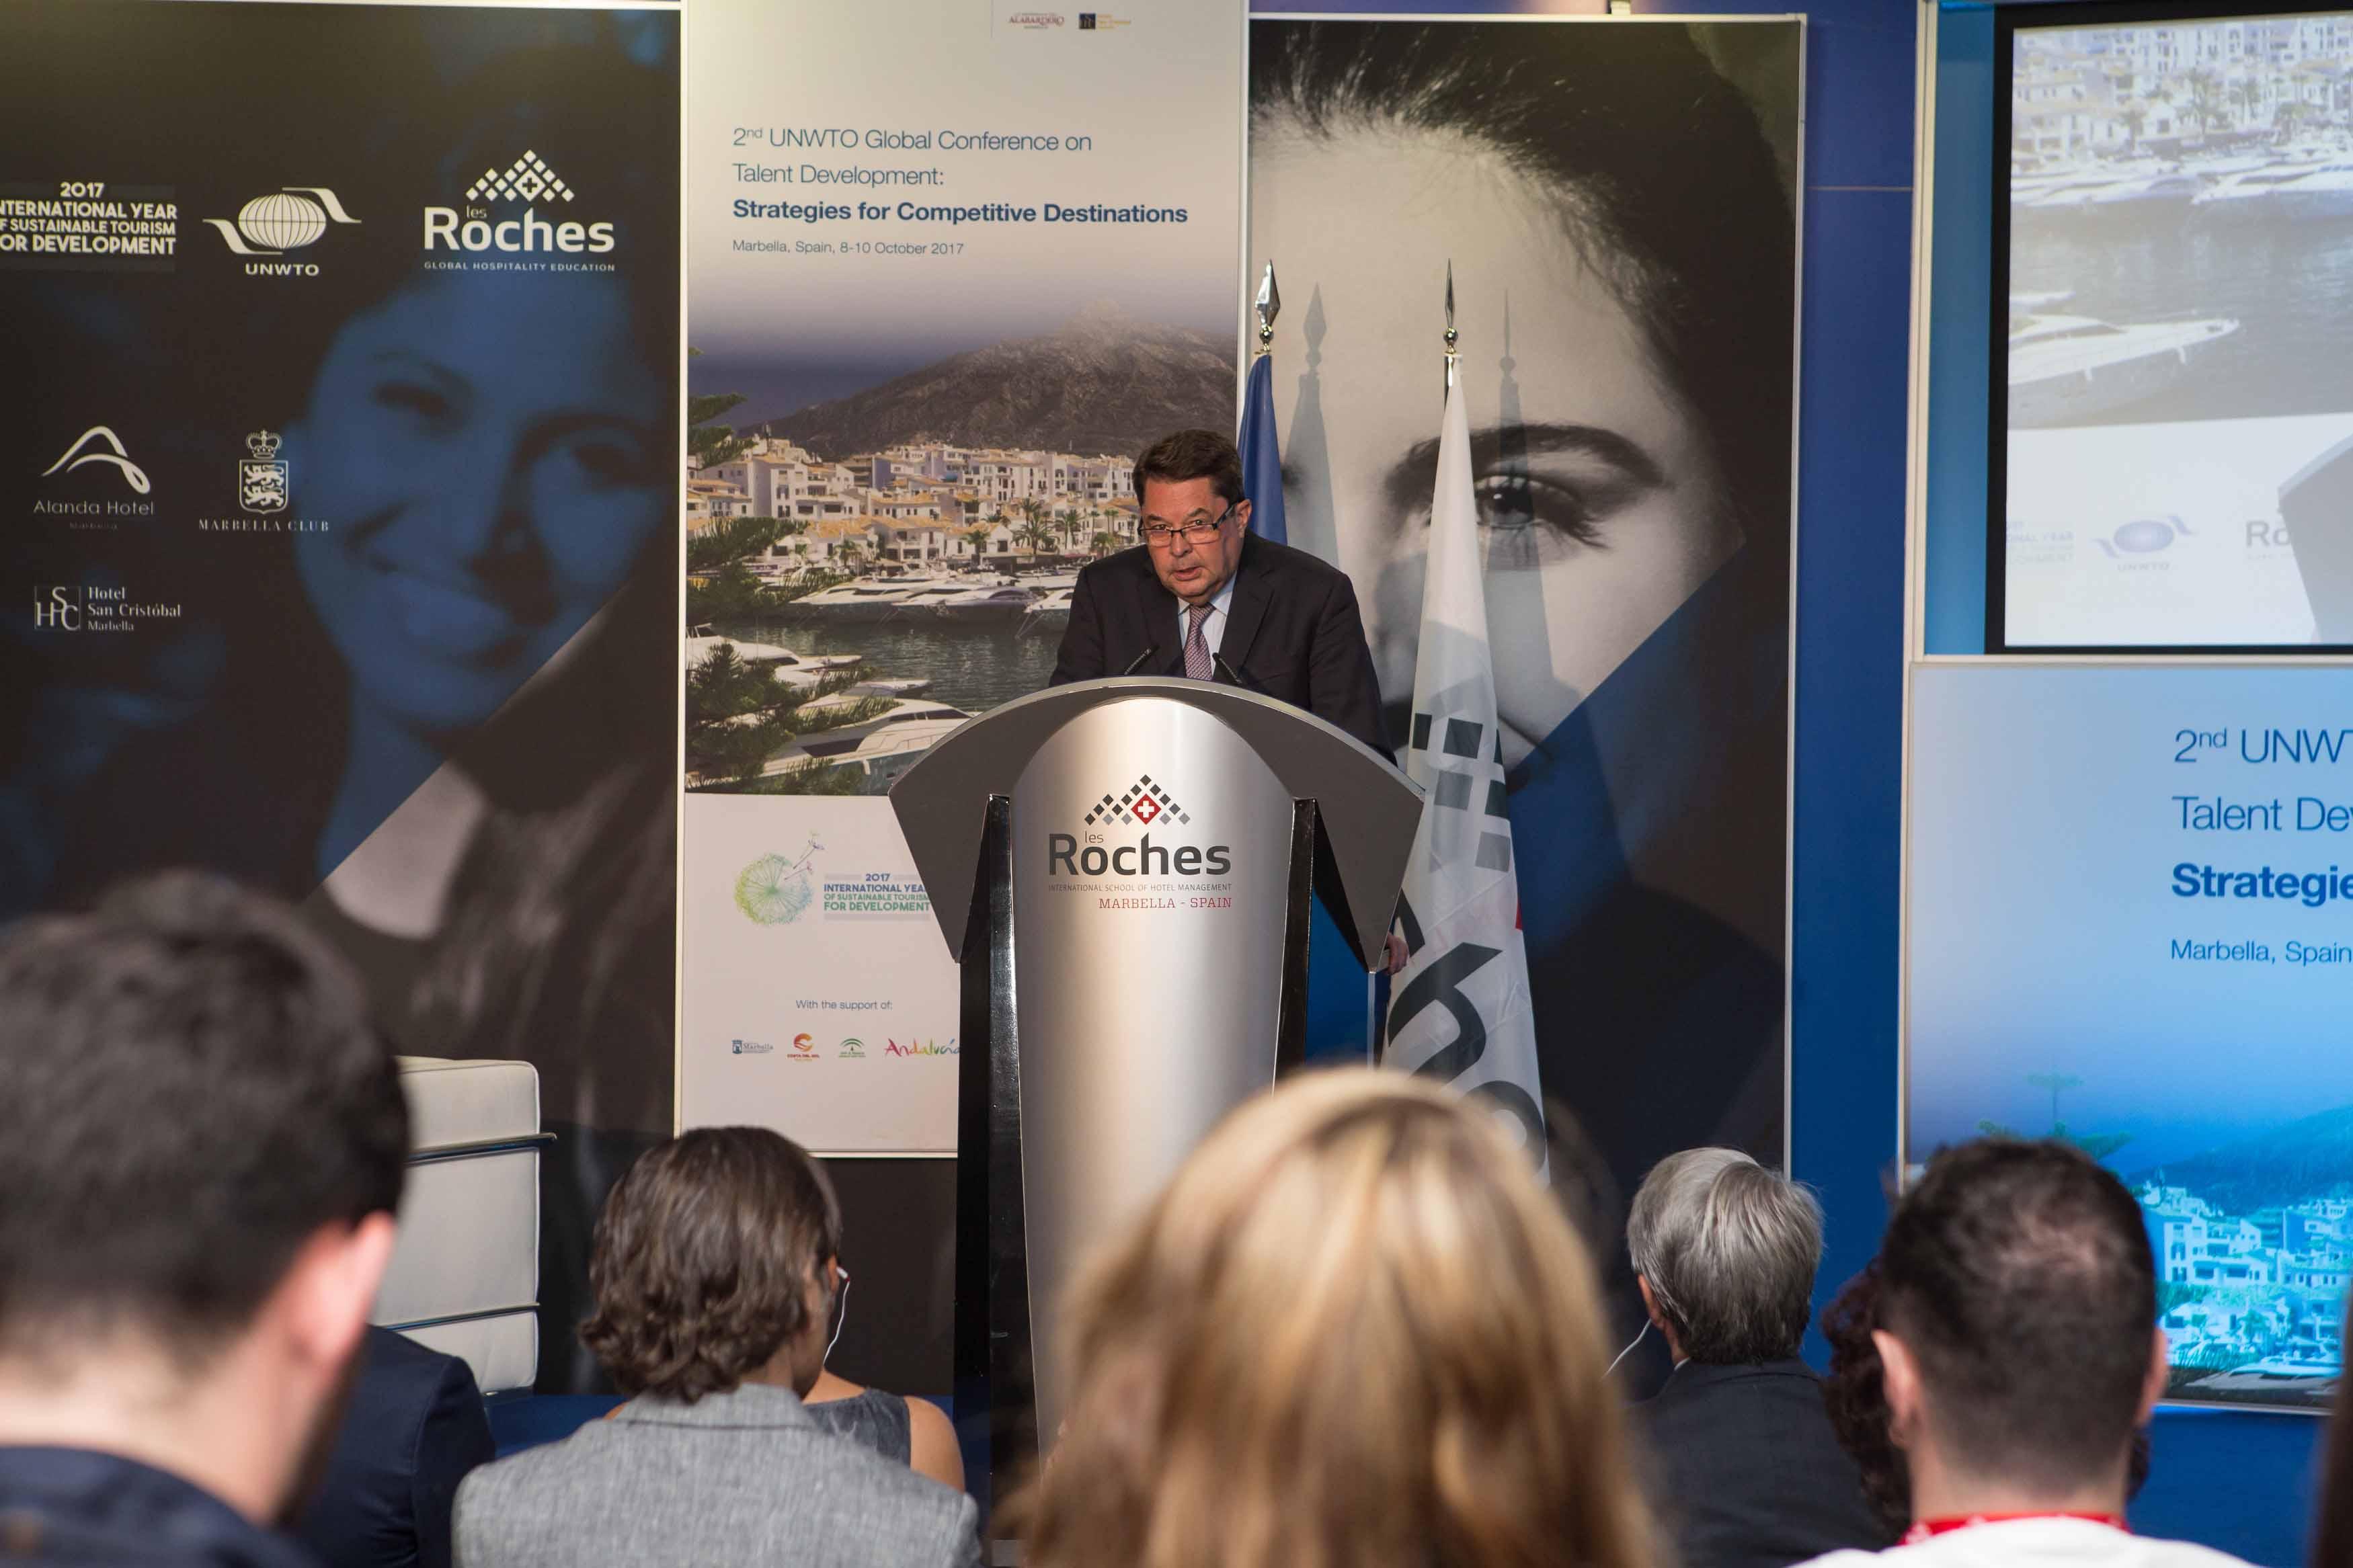 Les Roches y la OMT congregan a expertos de todo el mundo para abordar los retos de la educación y el turismo